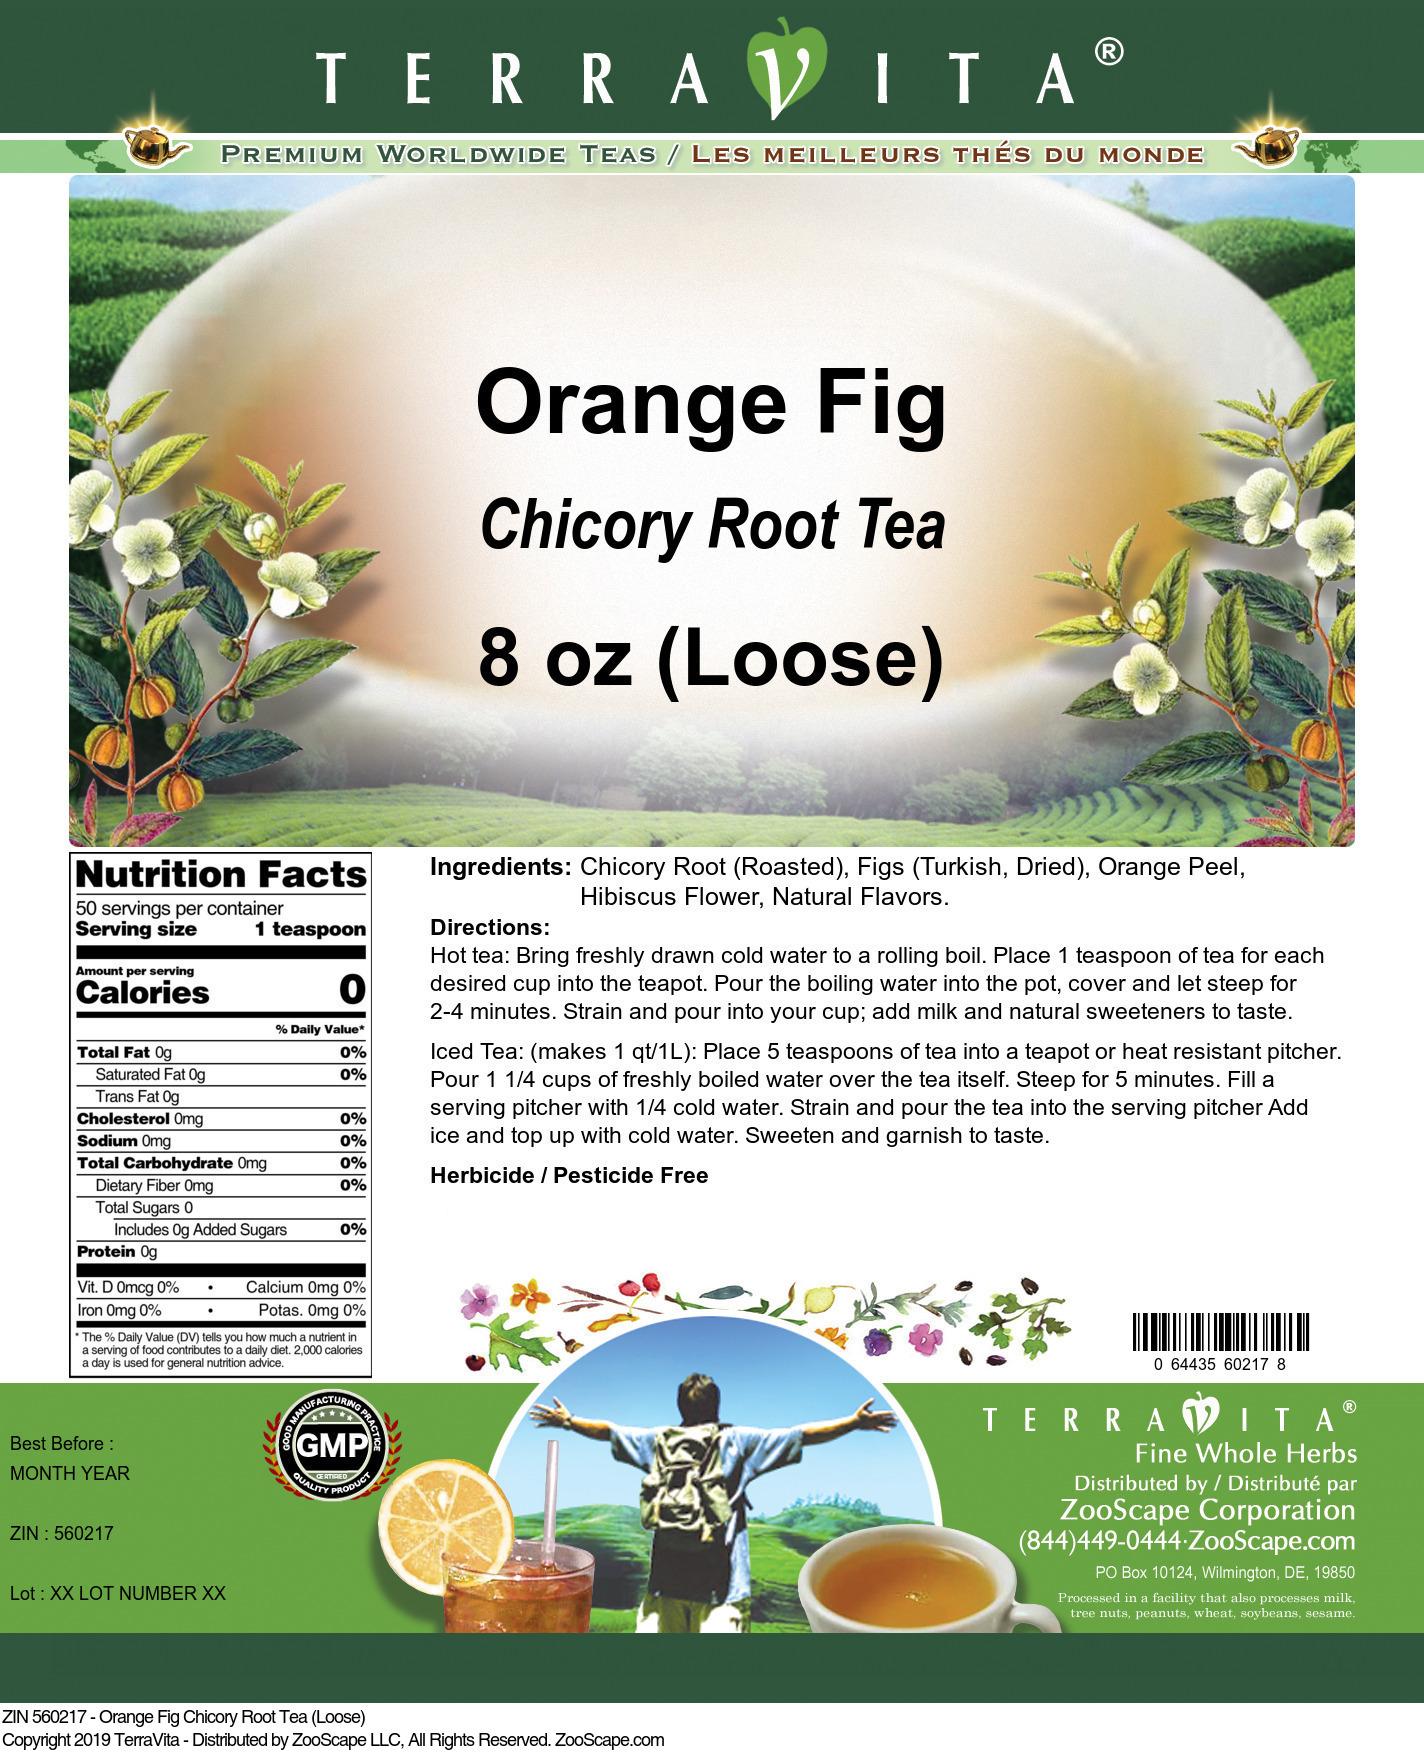 Orange Fig Chicory Root Tea (Loose)